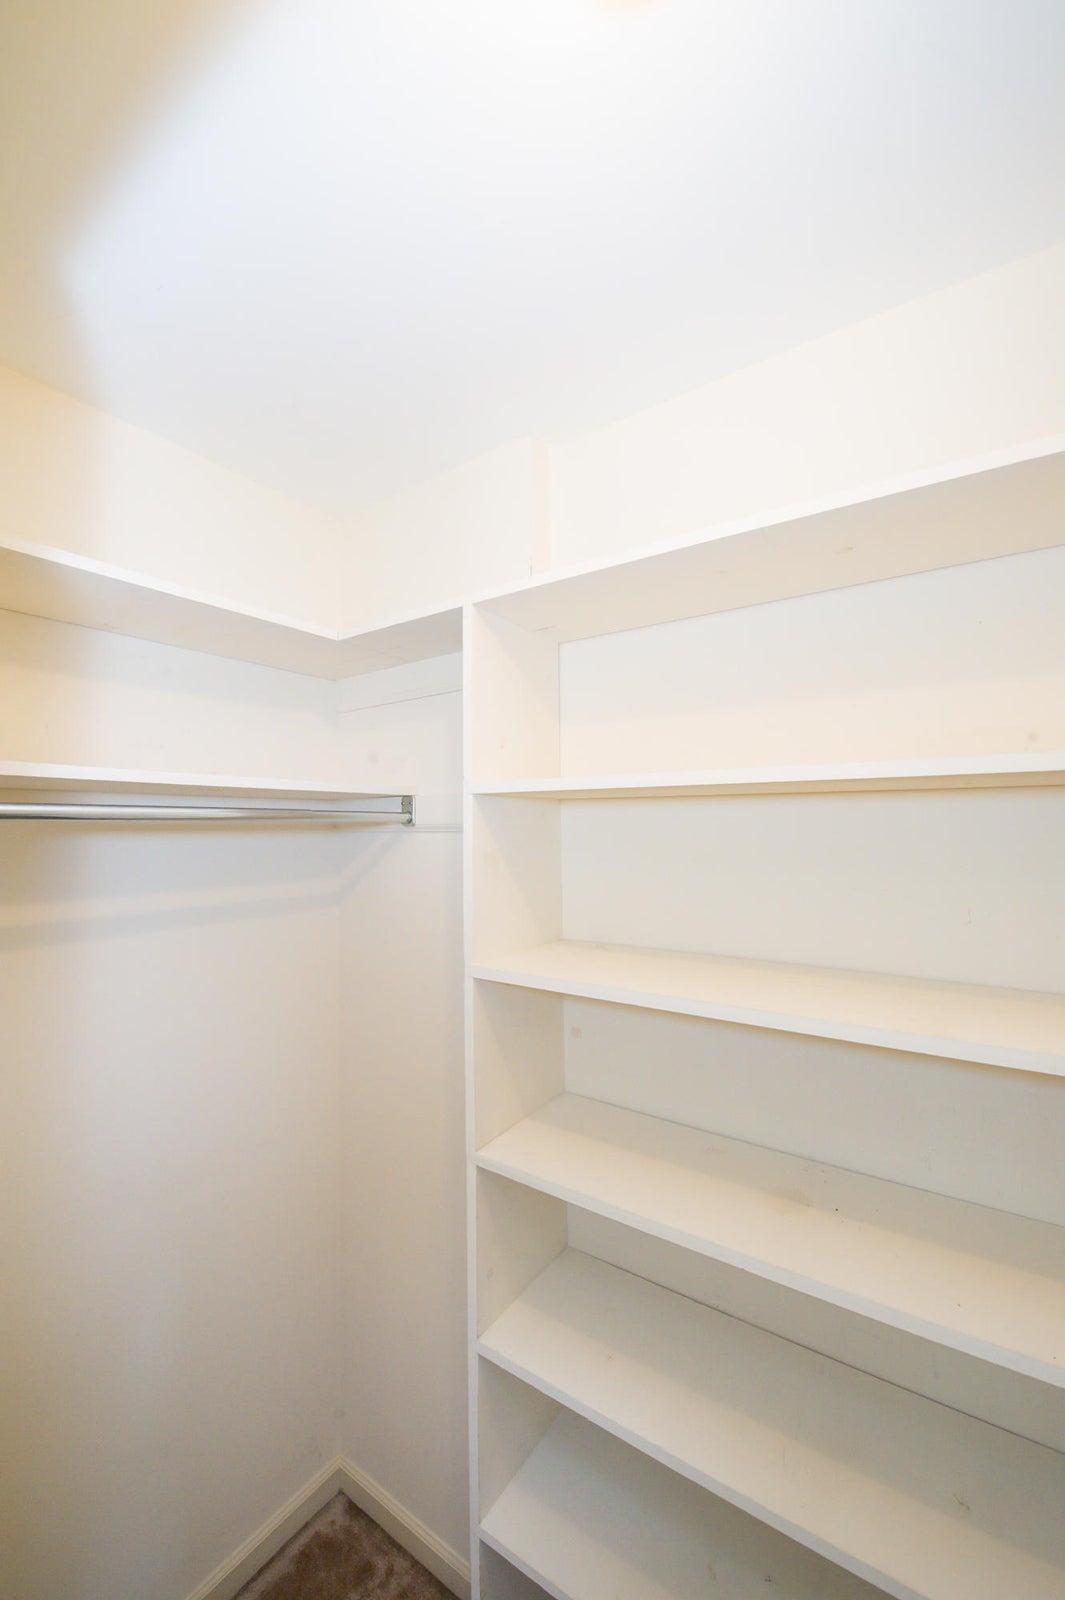 Closet in BR #2